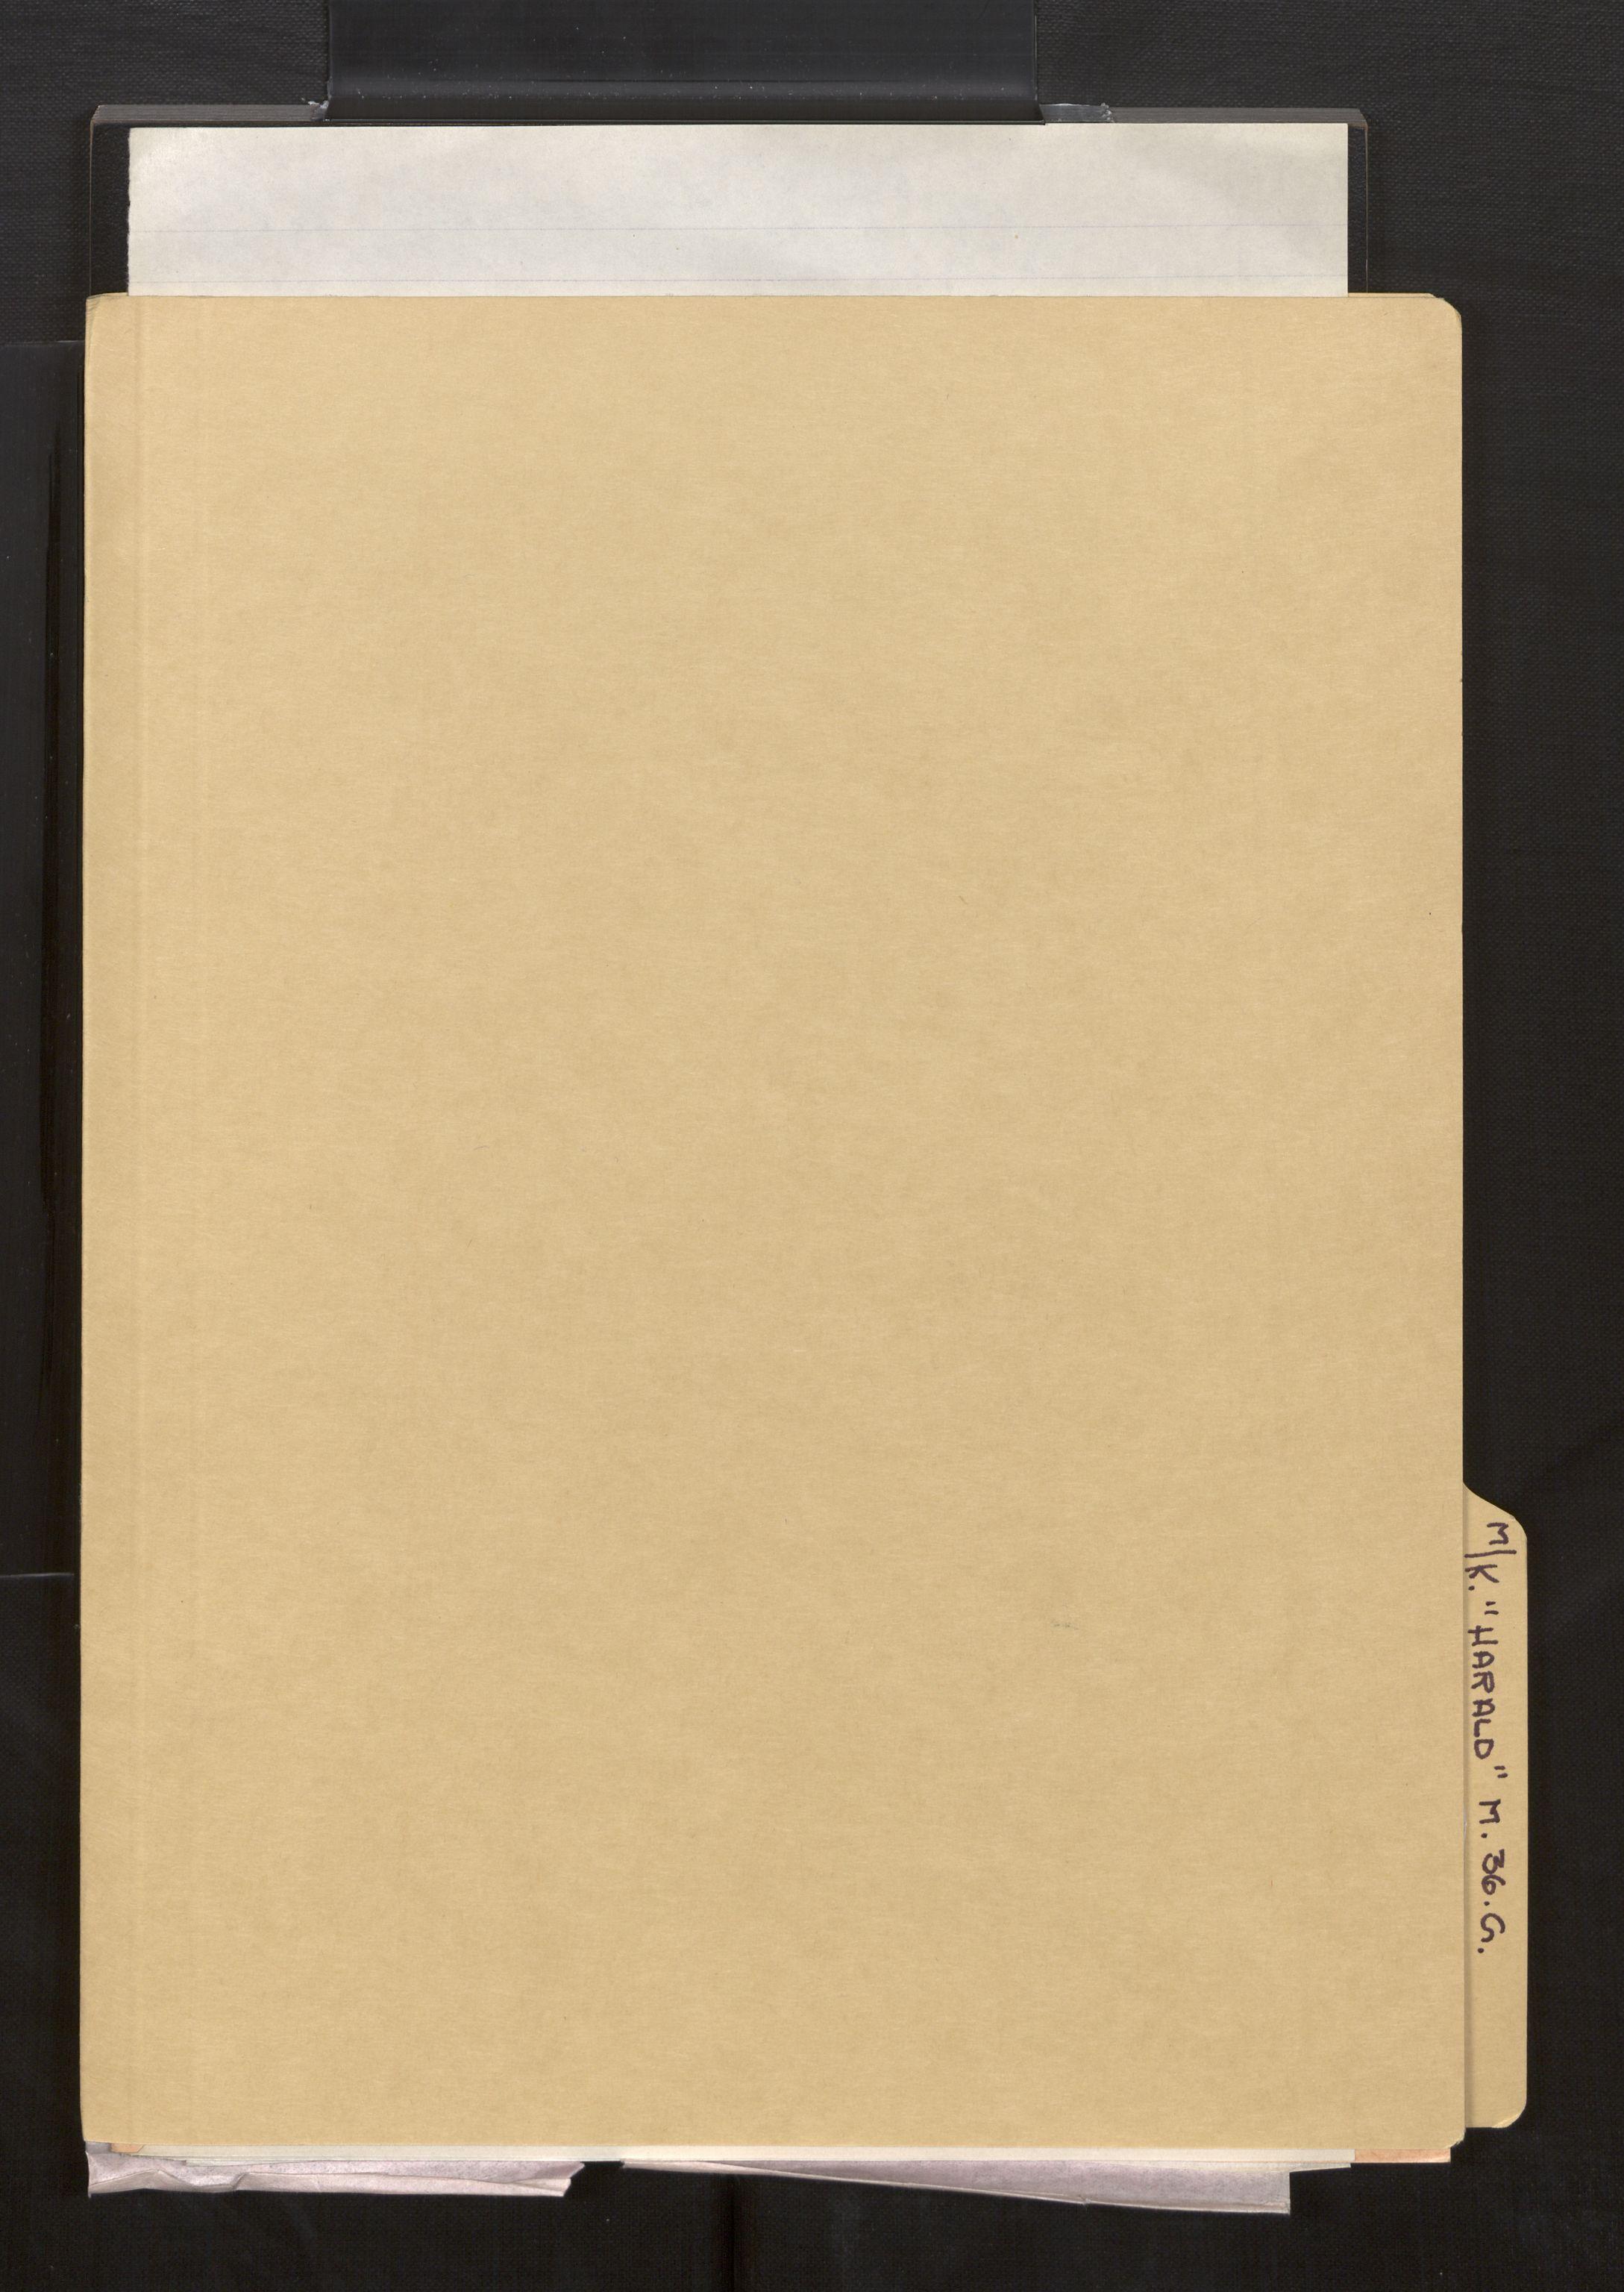 SAB, Fiskeridirektoratet - 1 Adm. ledelse - 13 Båtkontoret, La/L0042: Statens krigsforsikring for fiskeflåten, 1936-1971, p. 302